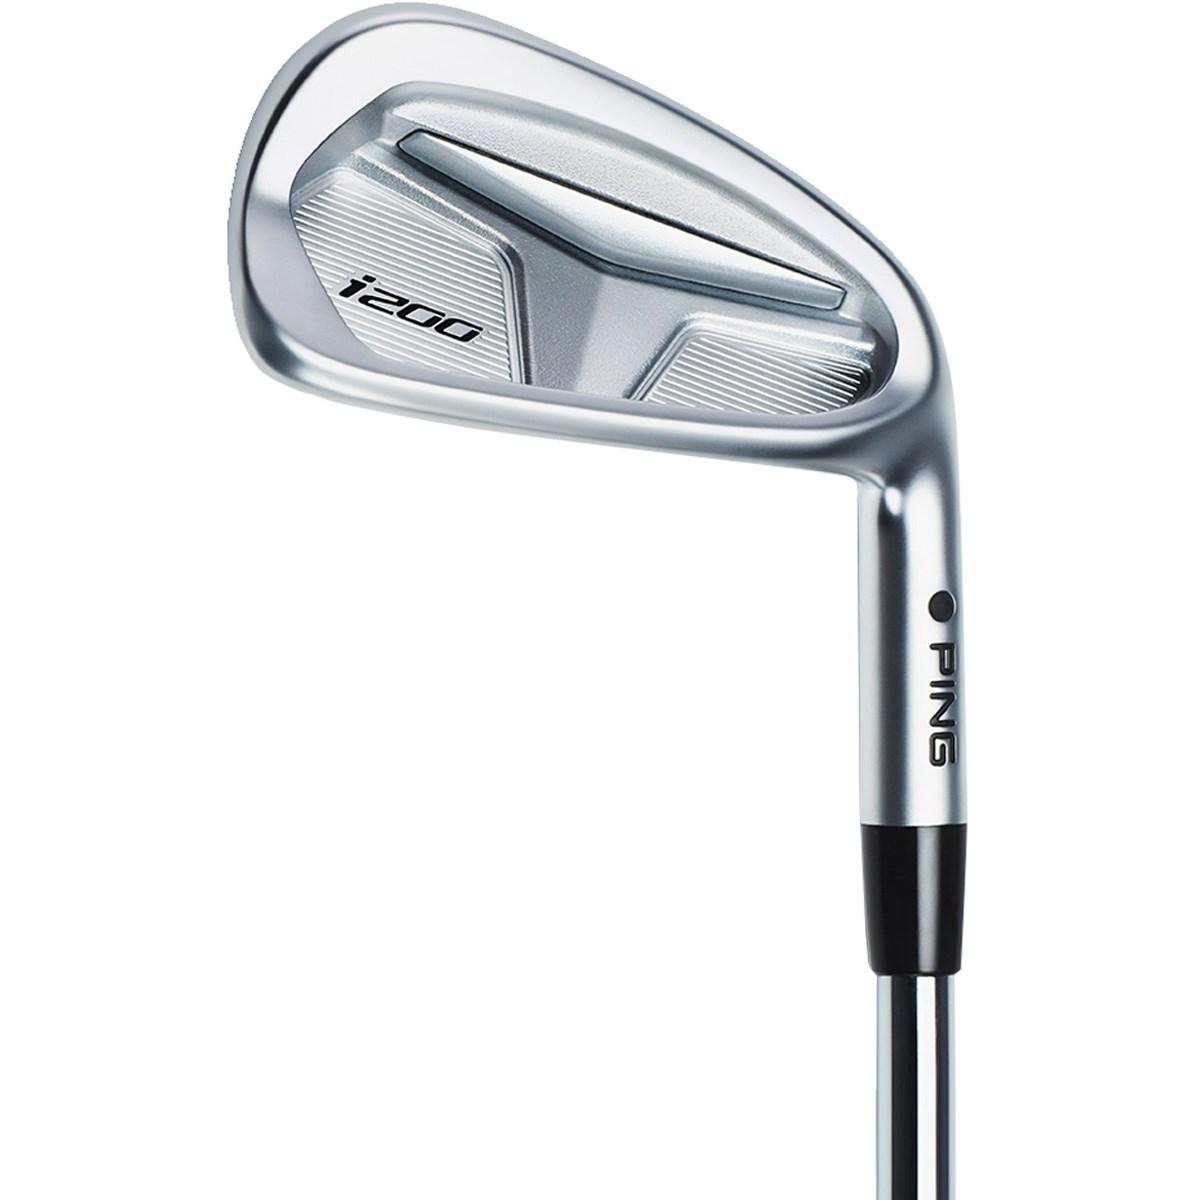 ピン i200 アイアン(6本セット) AWT 2.0 LITE ゴルフ